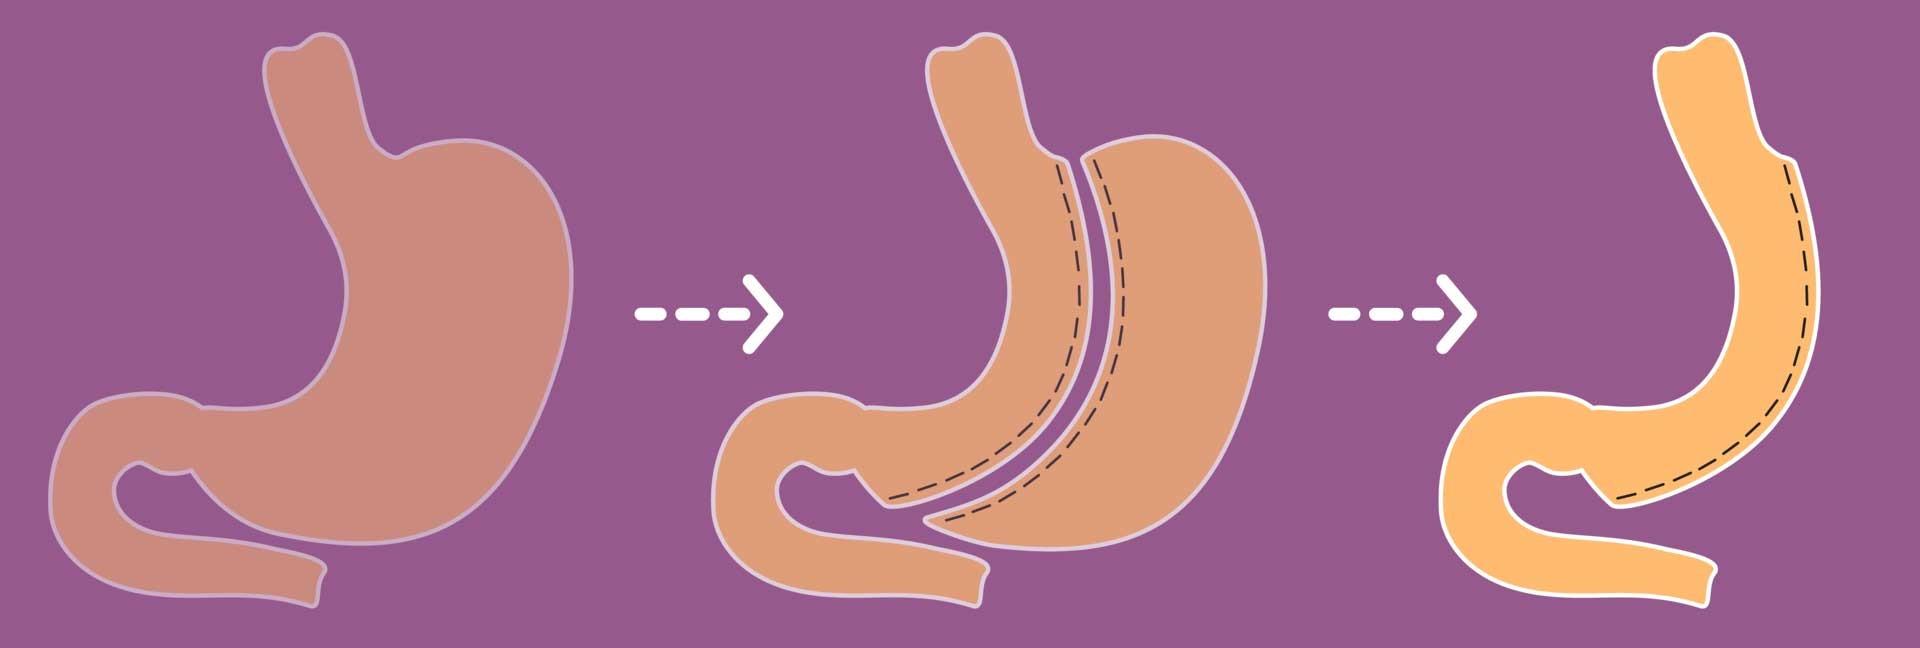 آیا با مزیت انجام عمل های جراحی برای کاهش وزن آگاهی دارید؟